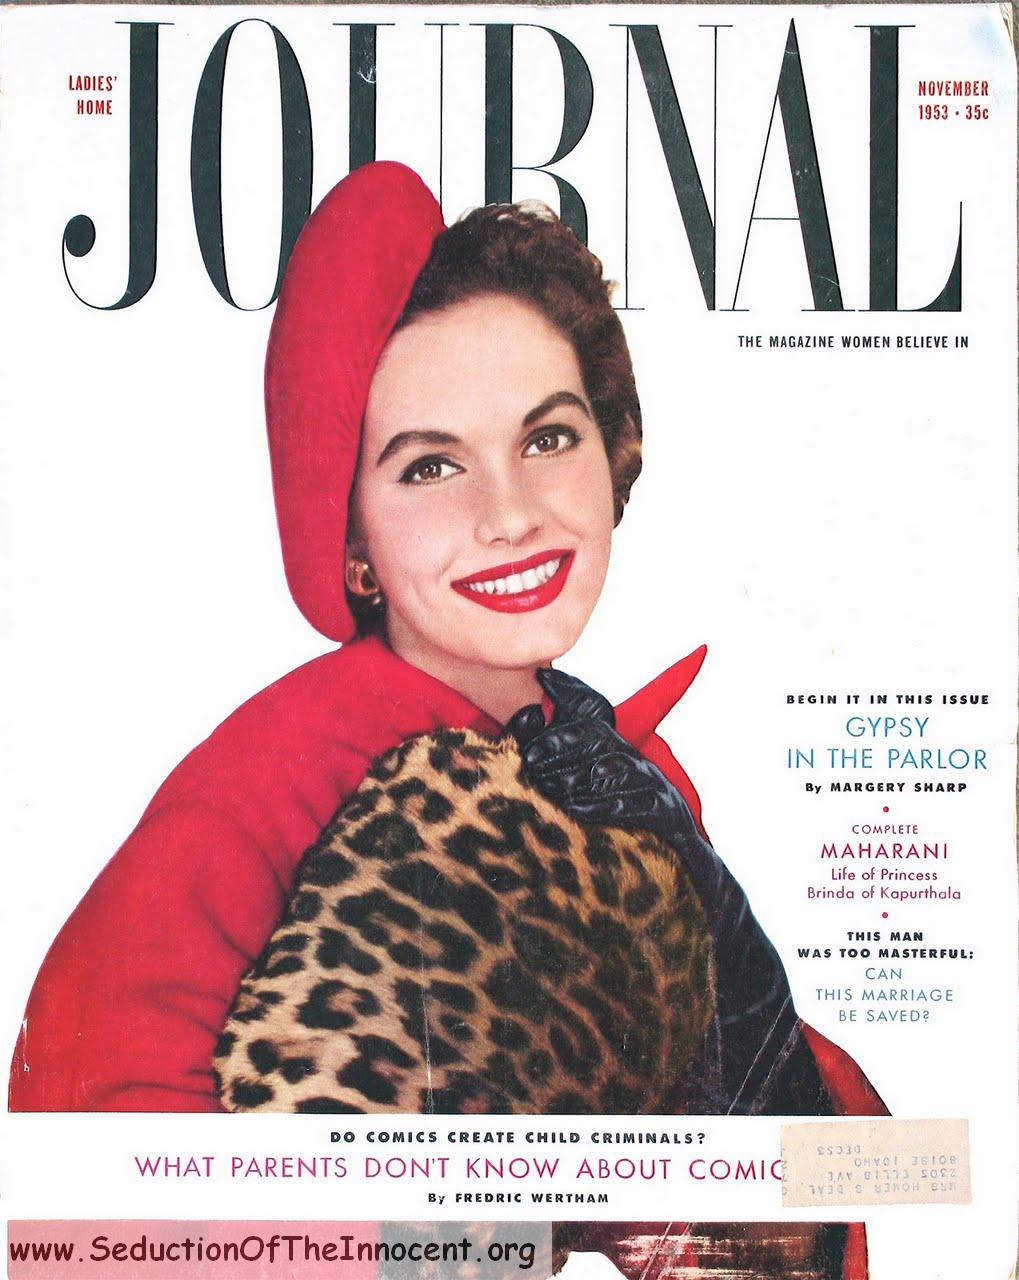 LadiesHomeJournalNovember1953Cover